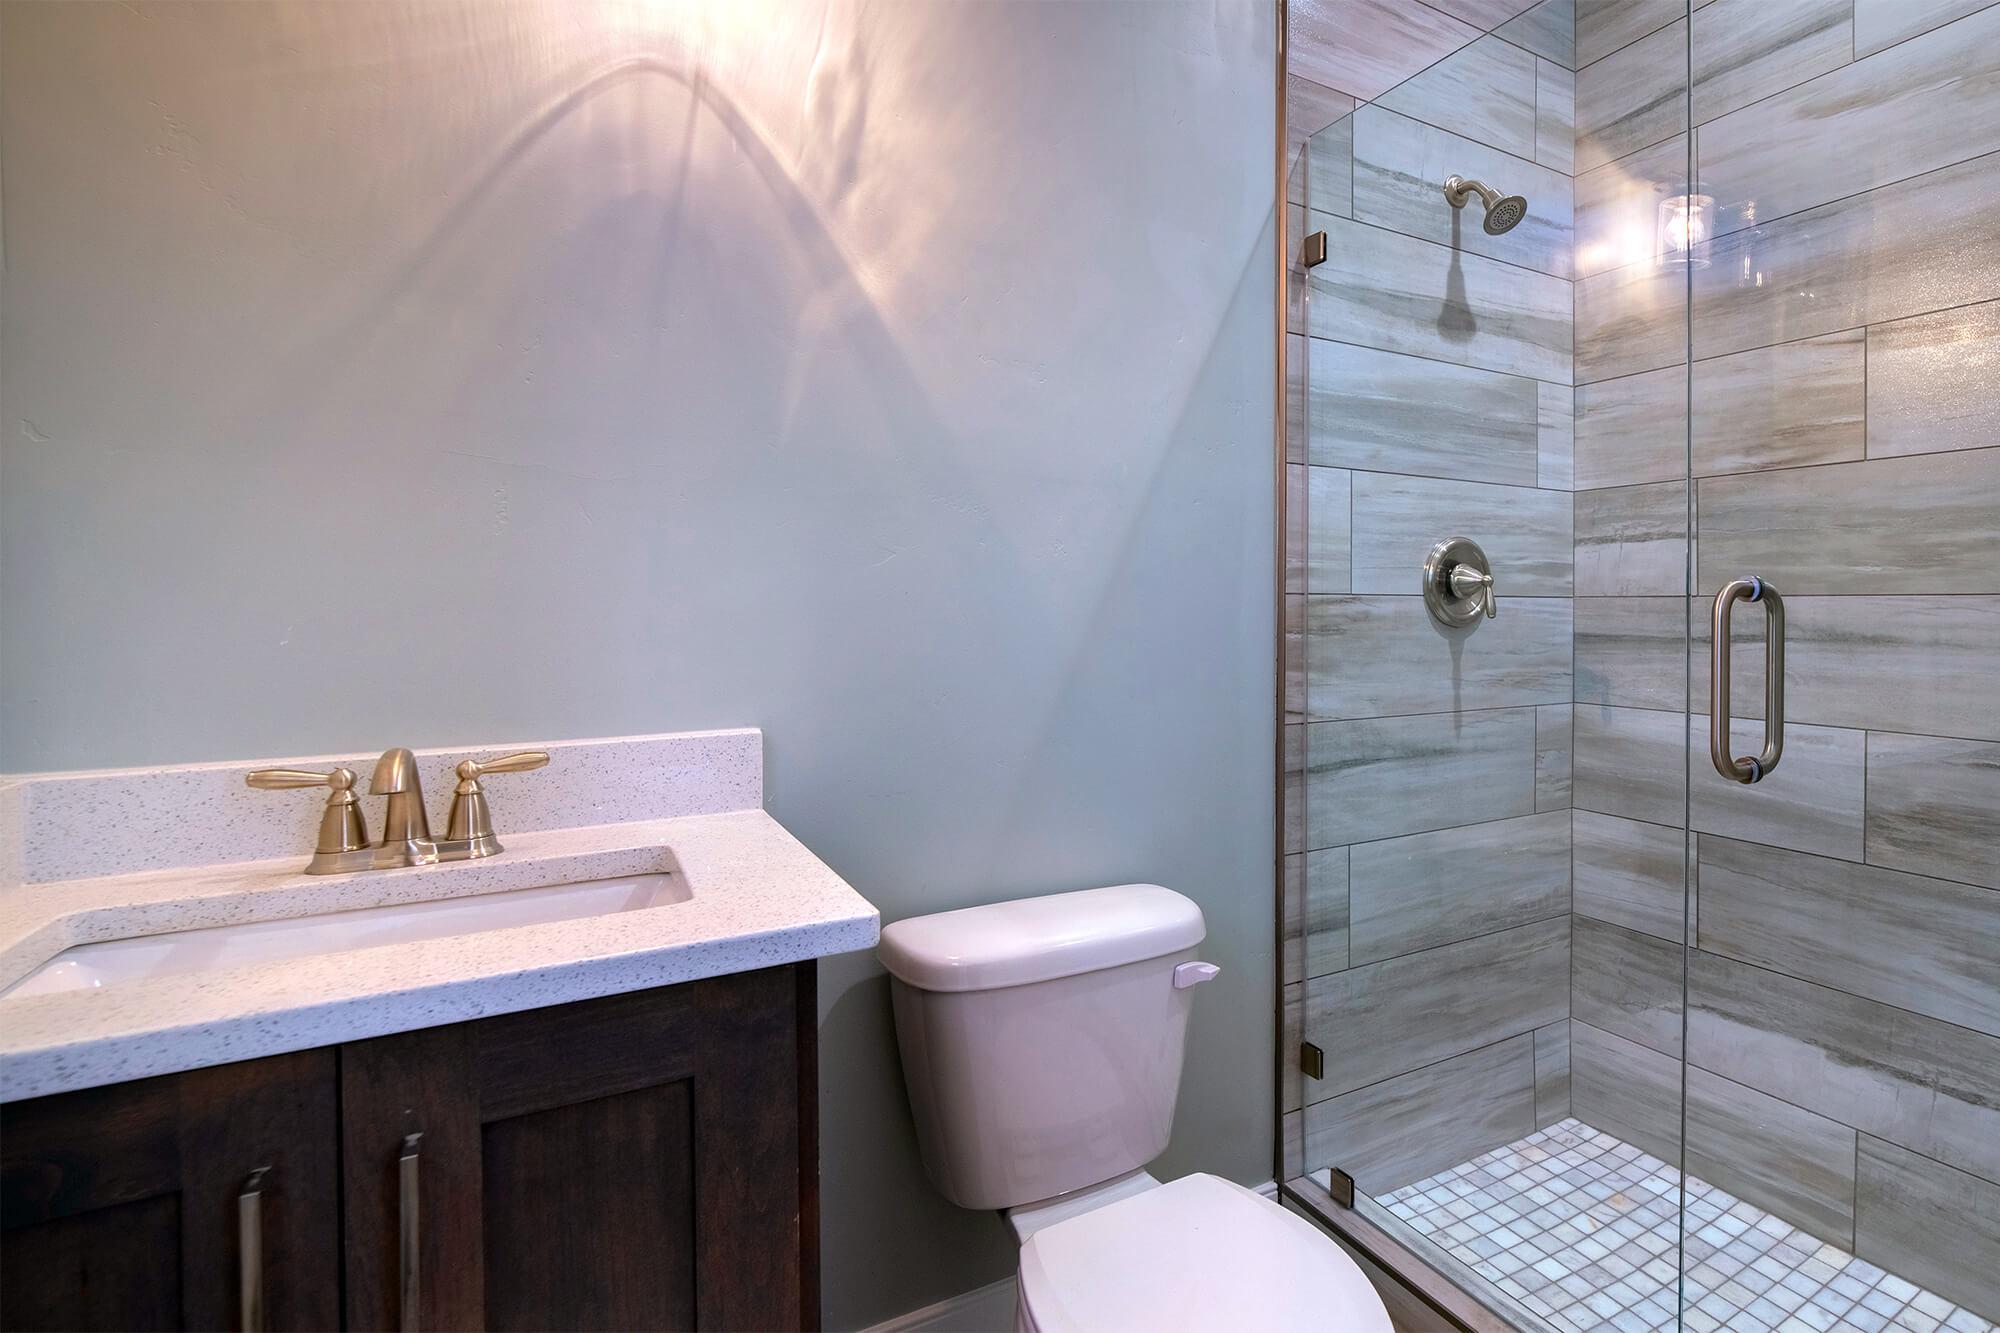 Bathroom-Remodel-by-Nashville-Home-Remodeling-Company-ER-Handyman